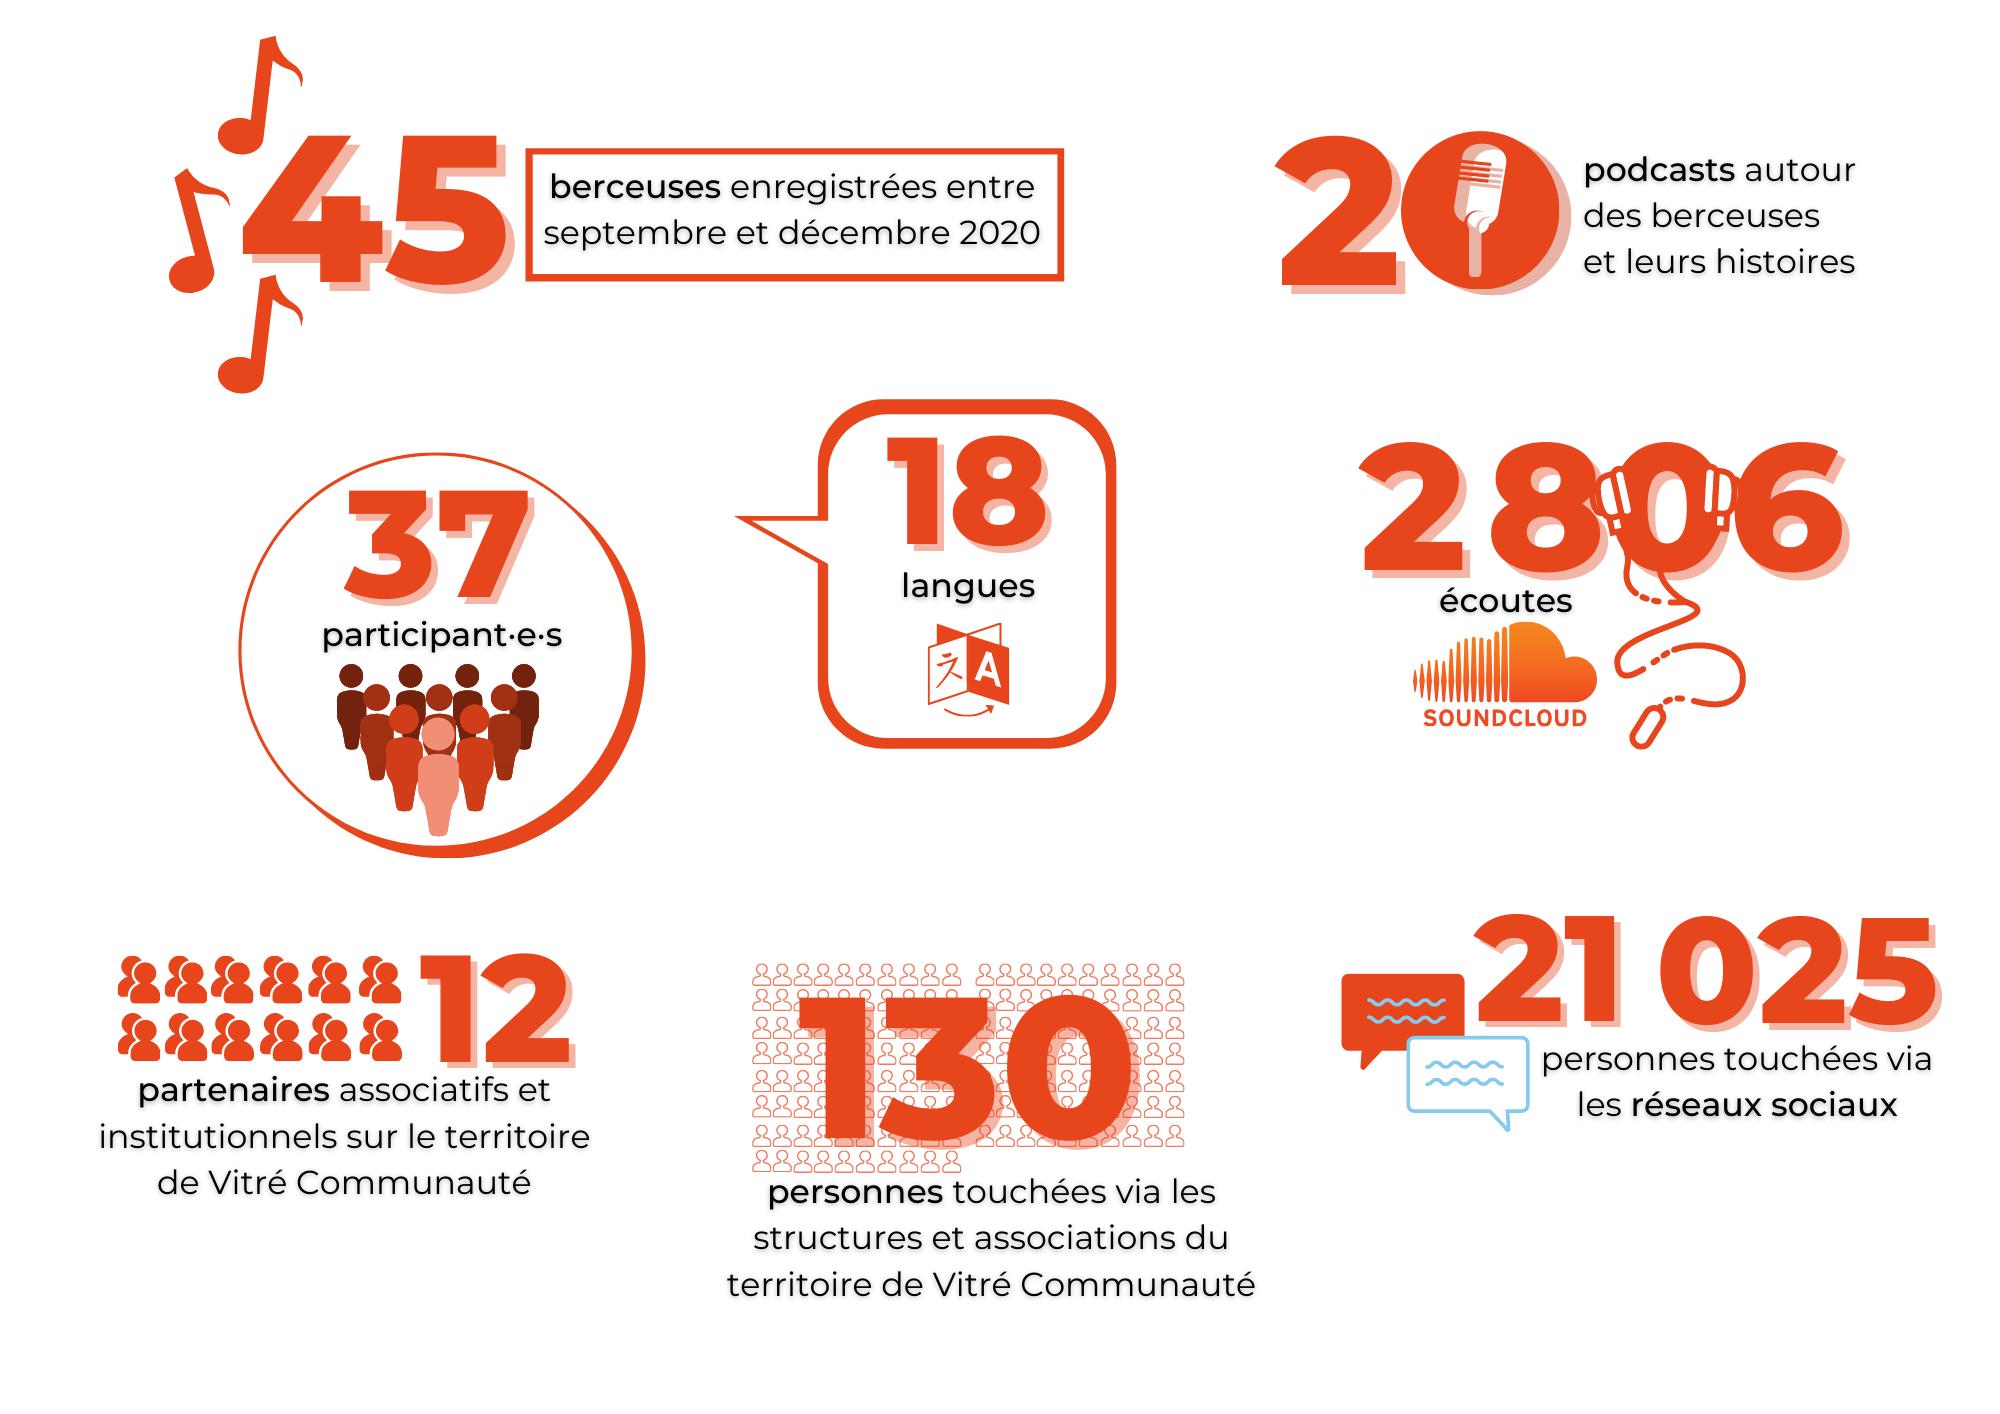 Infographie présentant les résultats du projet Le monde en berceuses